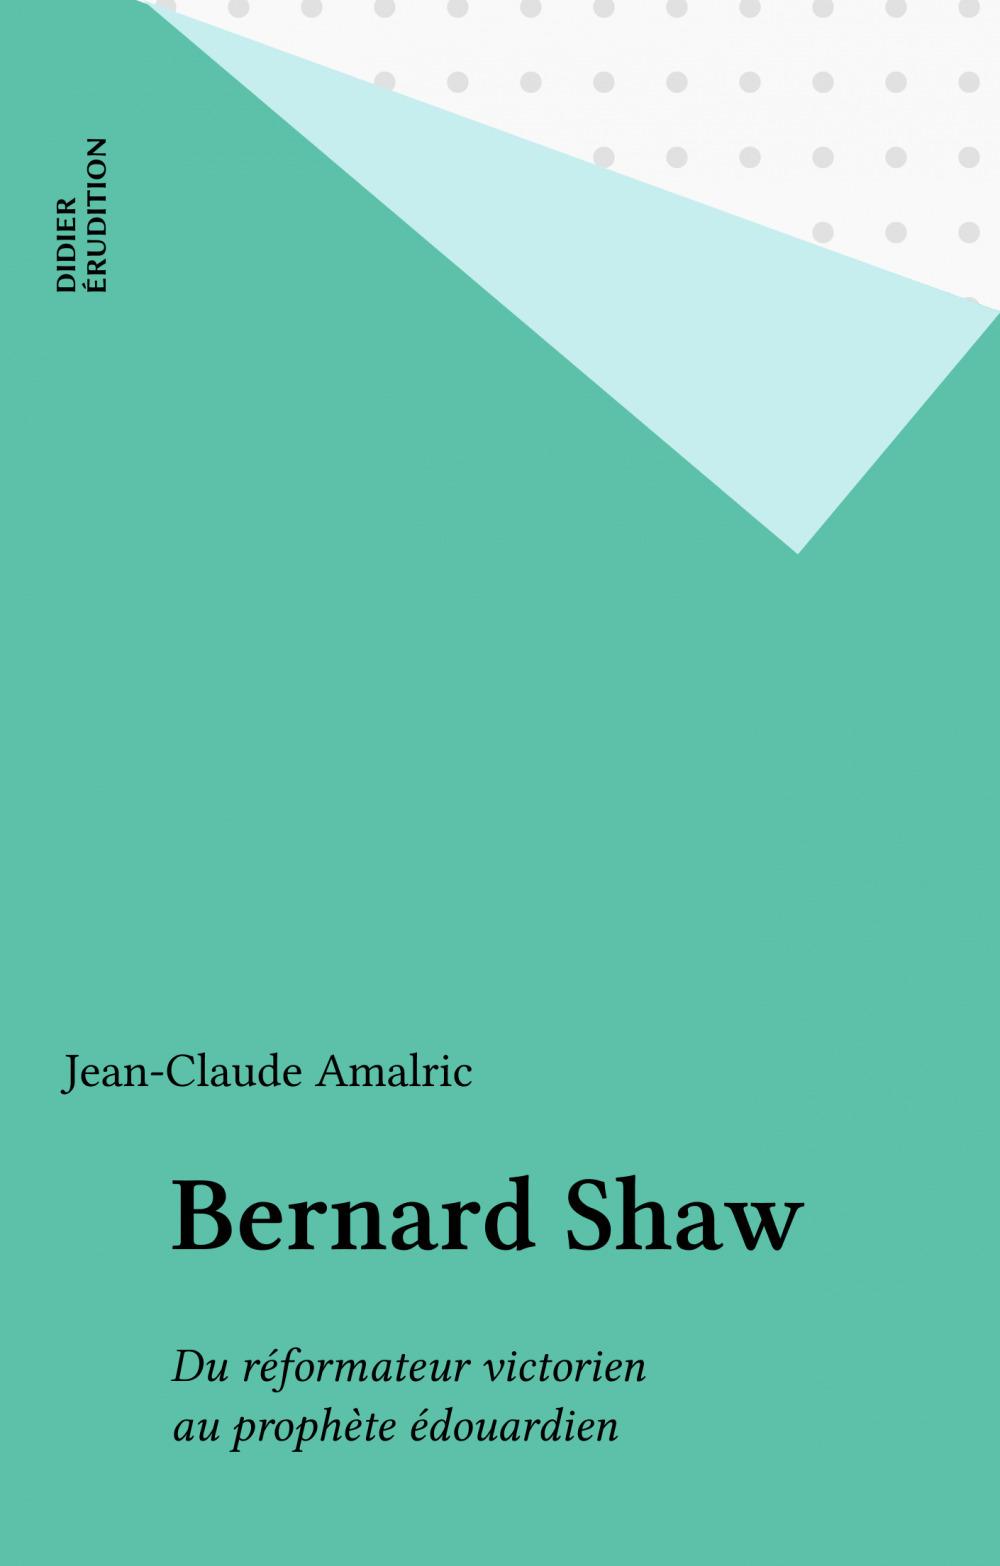 Bernard shaw - du reformateur victorien au prophete edouardien